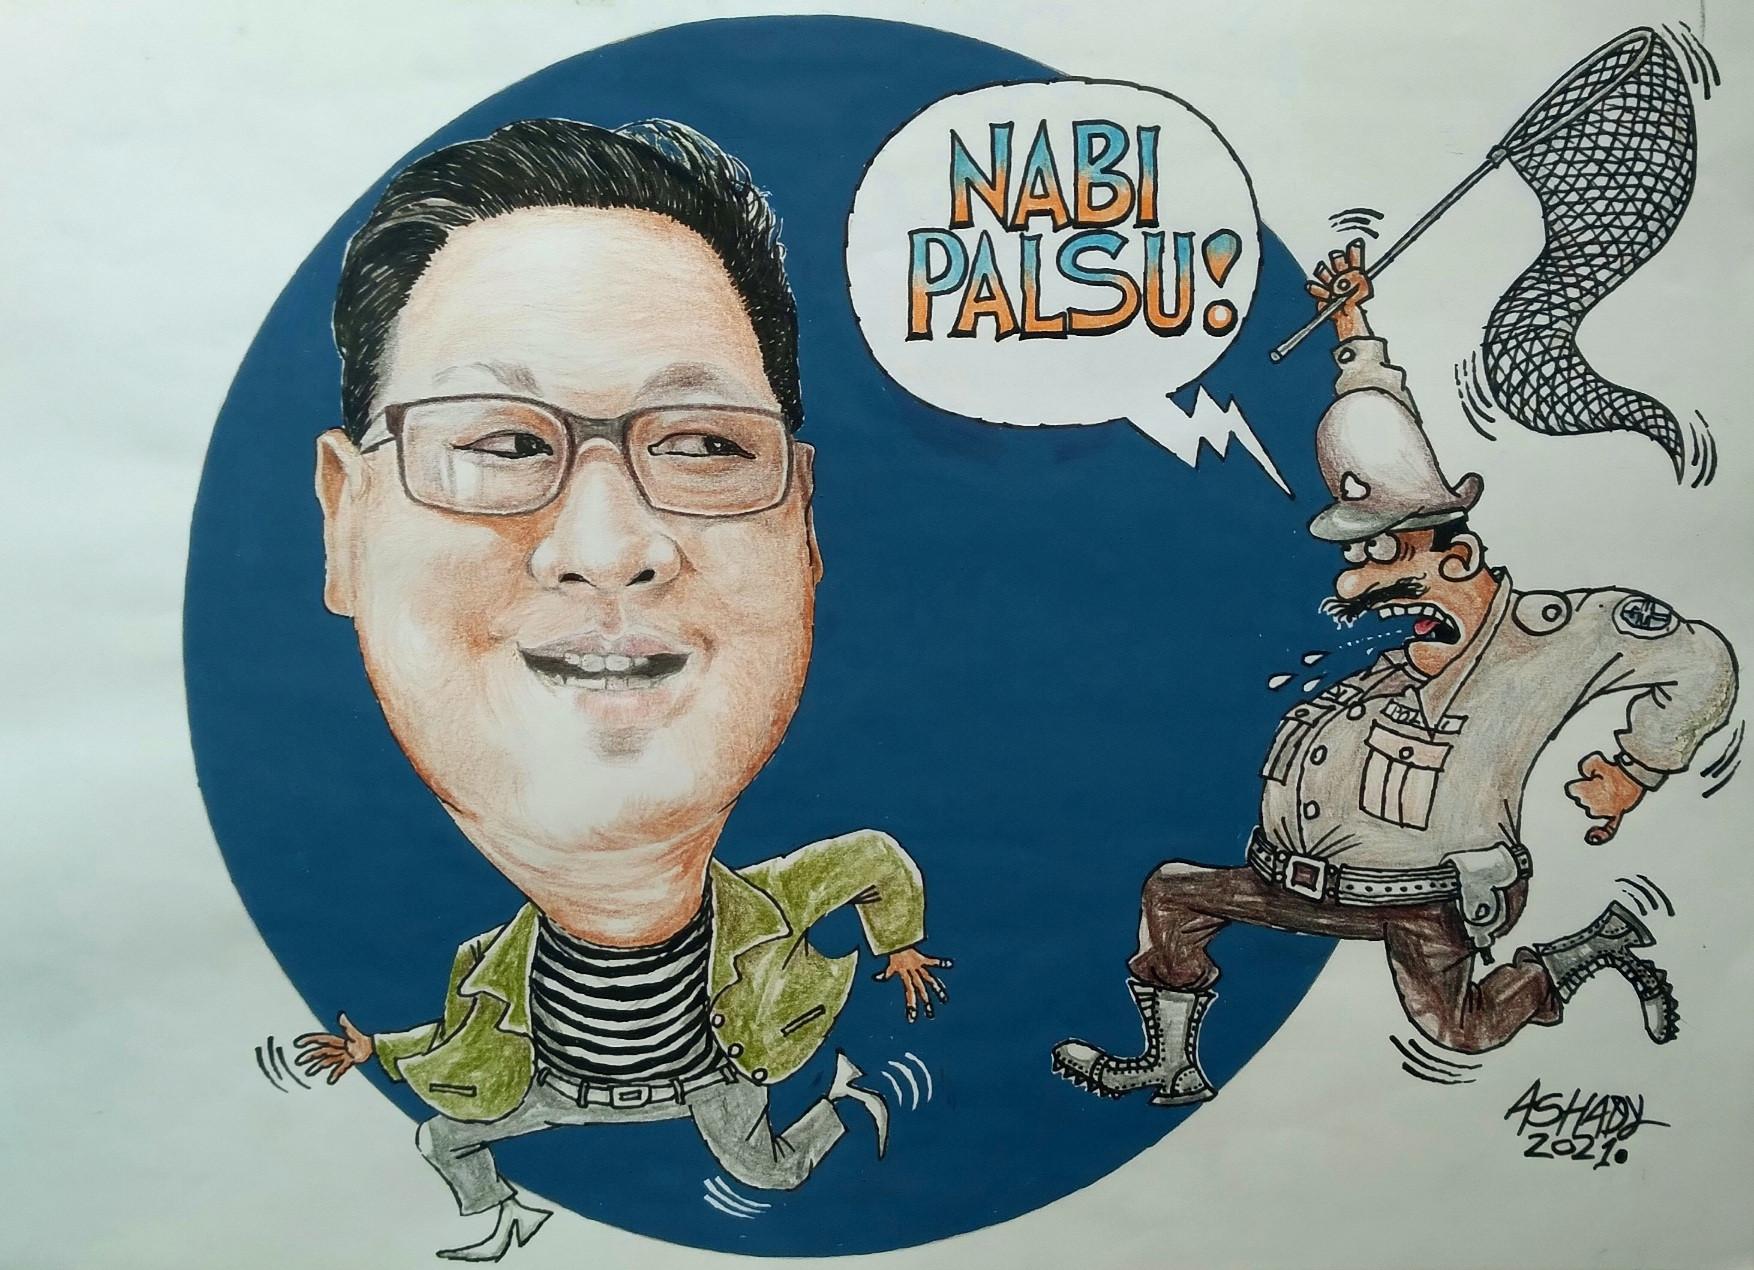 Nabi Palsu. Karikatur oleh Ashady - JPNN.com